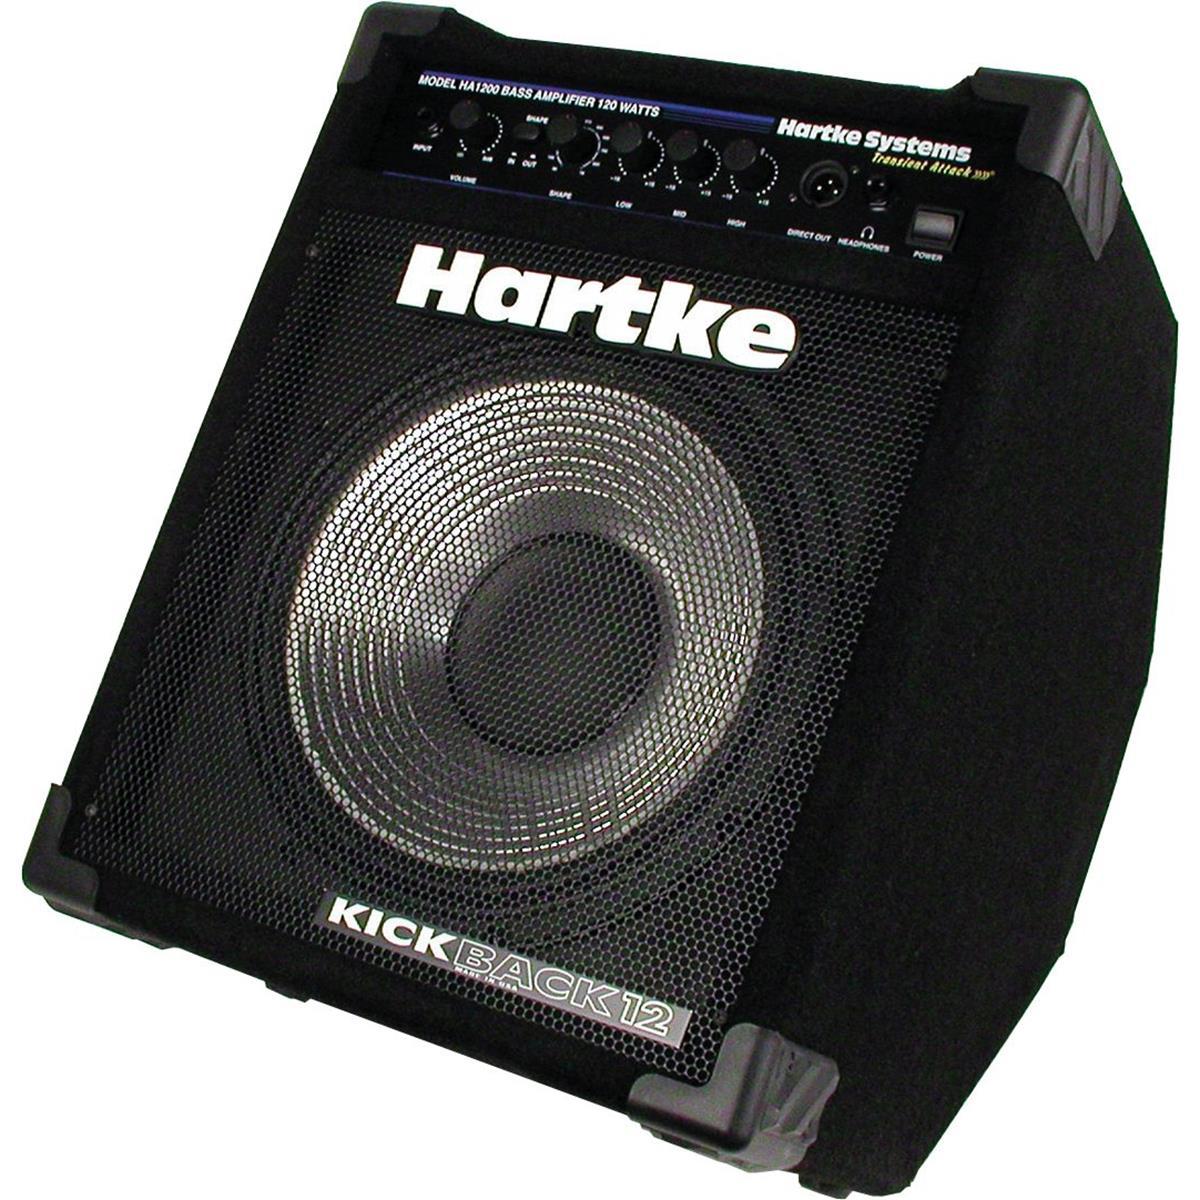 Hartke-Kickback-KB12-1x12-500W-sku-2441269813004